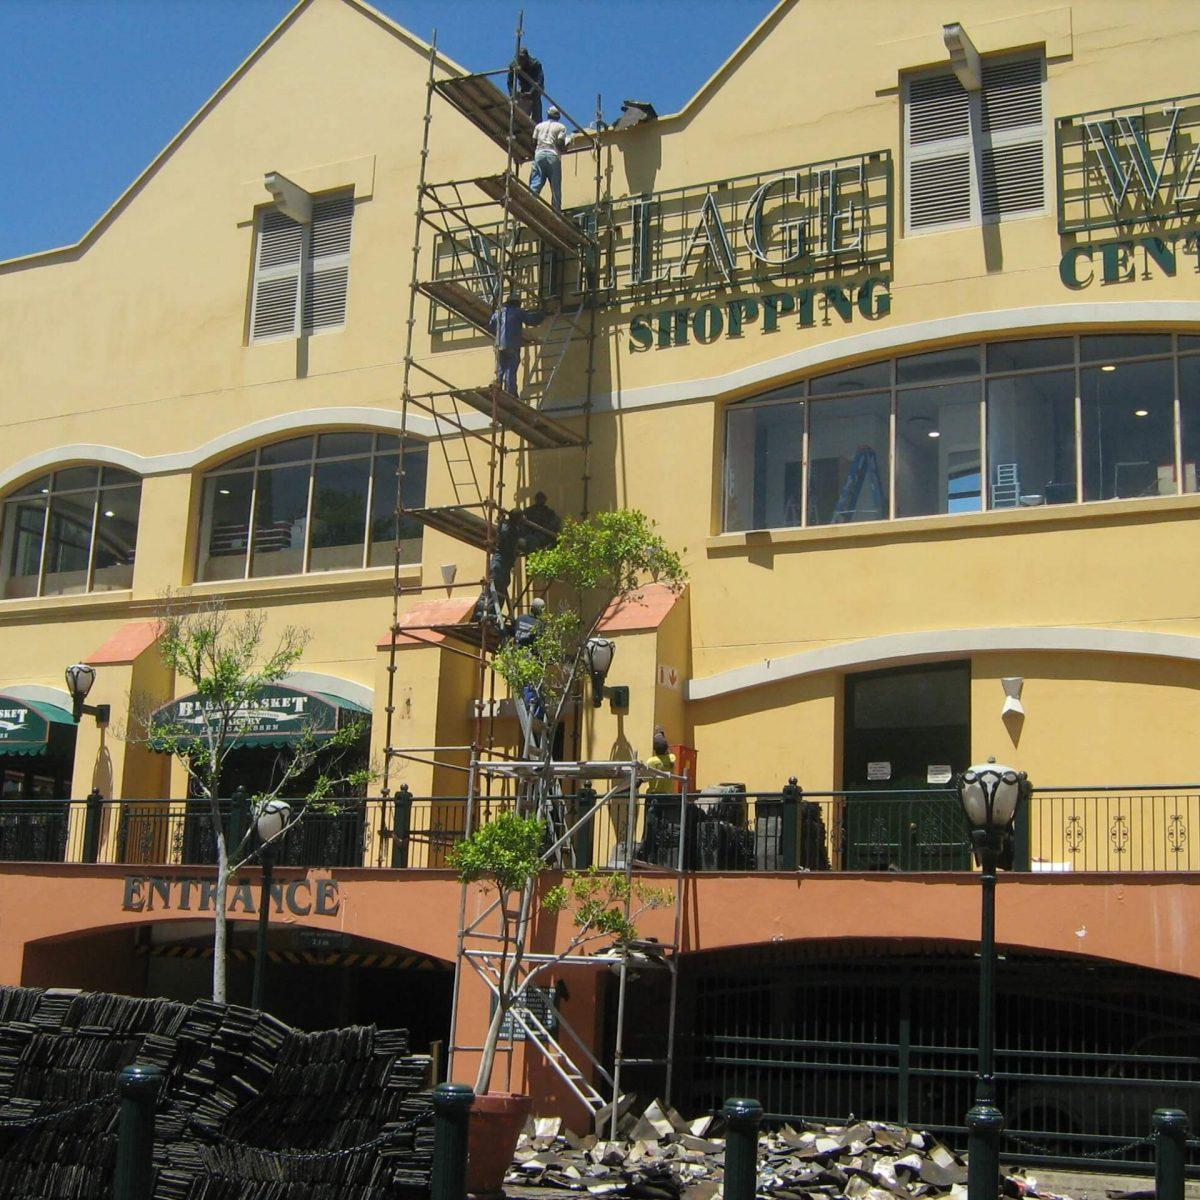 Roofing Companies in Gauteng